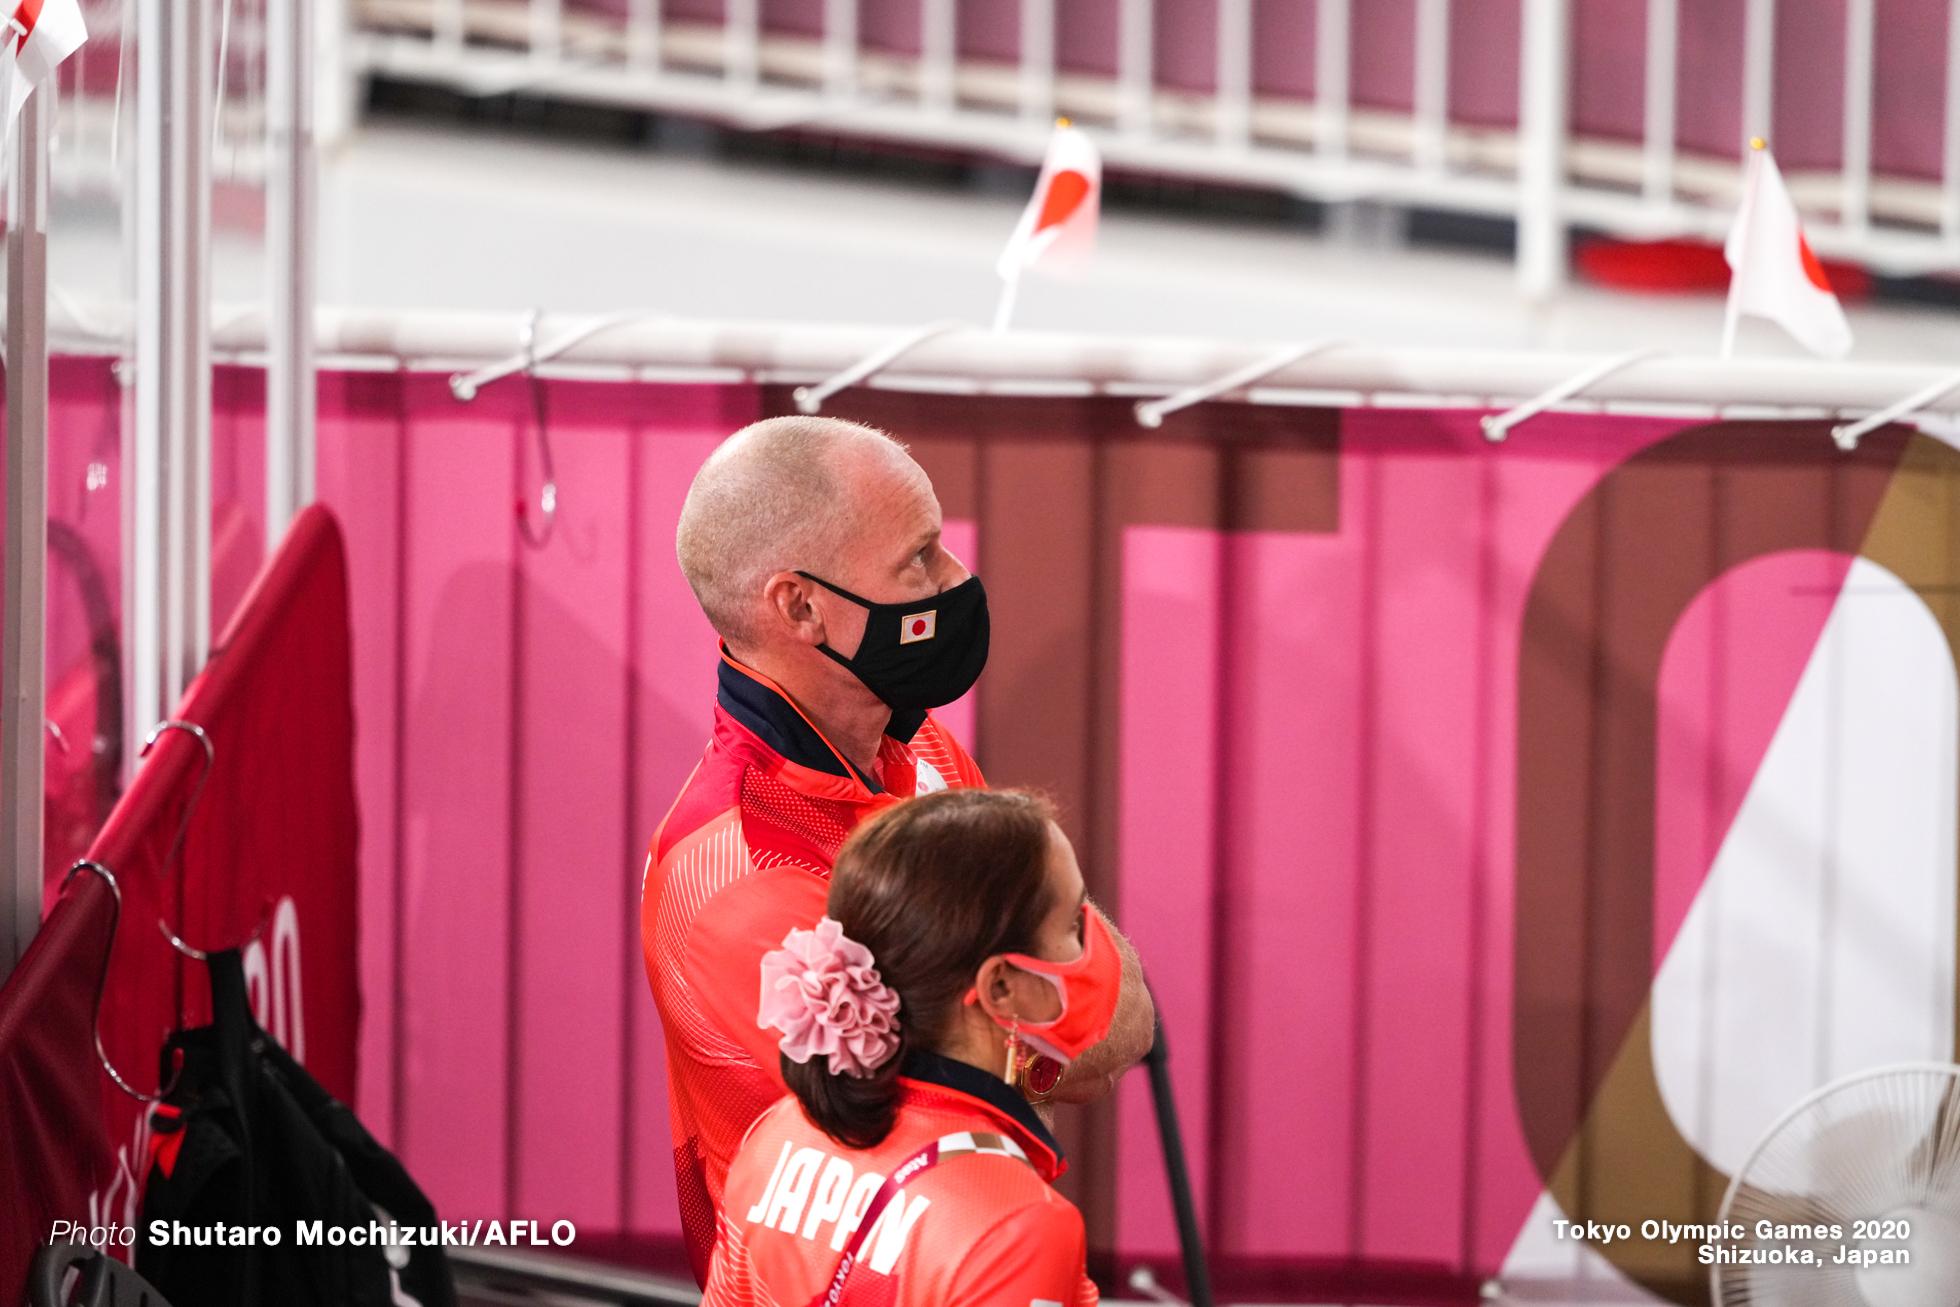 ブノワ・ベトゥ AUGUST 5, 2021 - Cycling : during the Tokyo 2020 Olympic Games at the Izu Velodrome in Shizuoka, Japan. (Photo by Shutaro Mochizuki/AFLO)